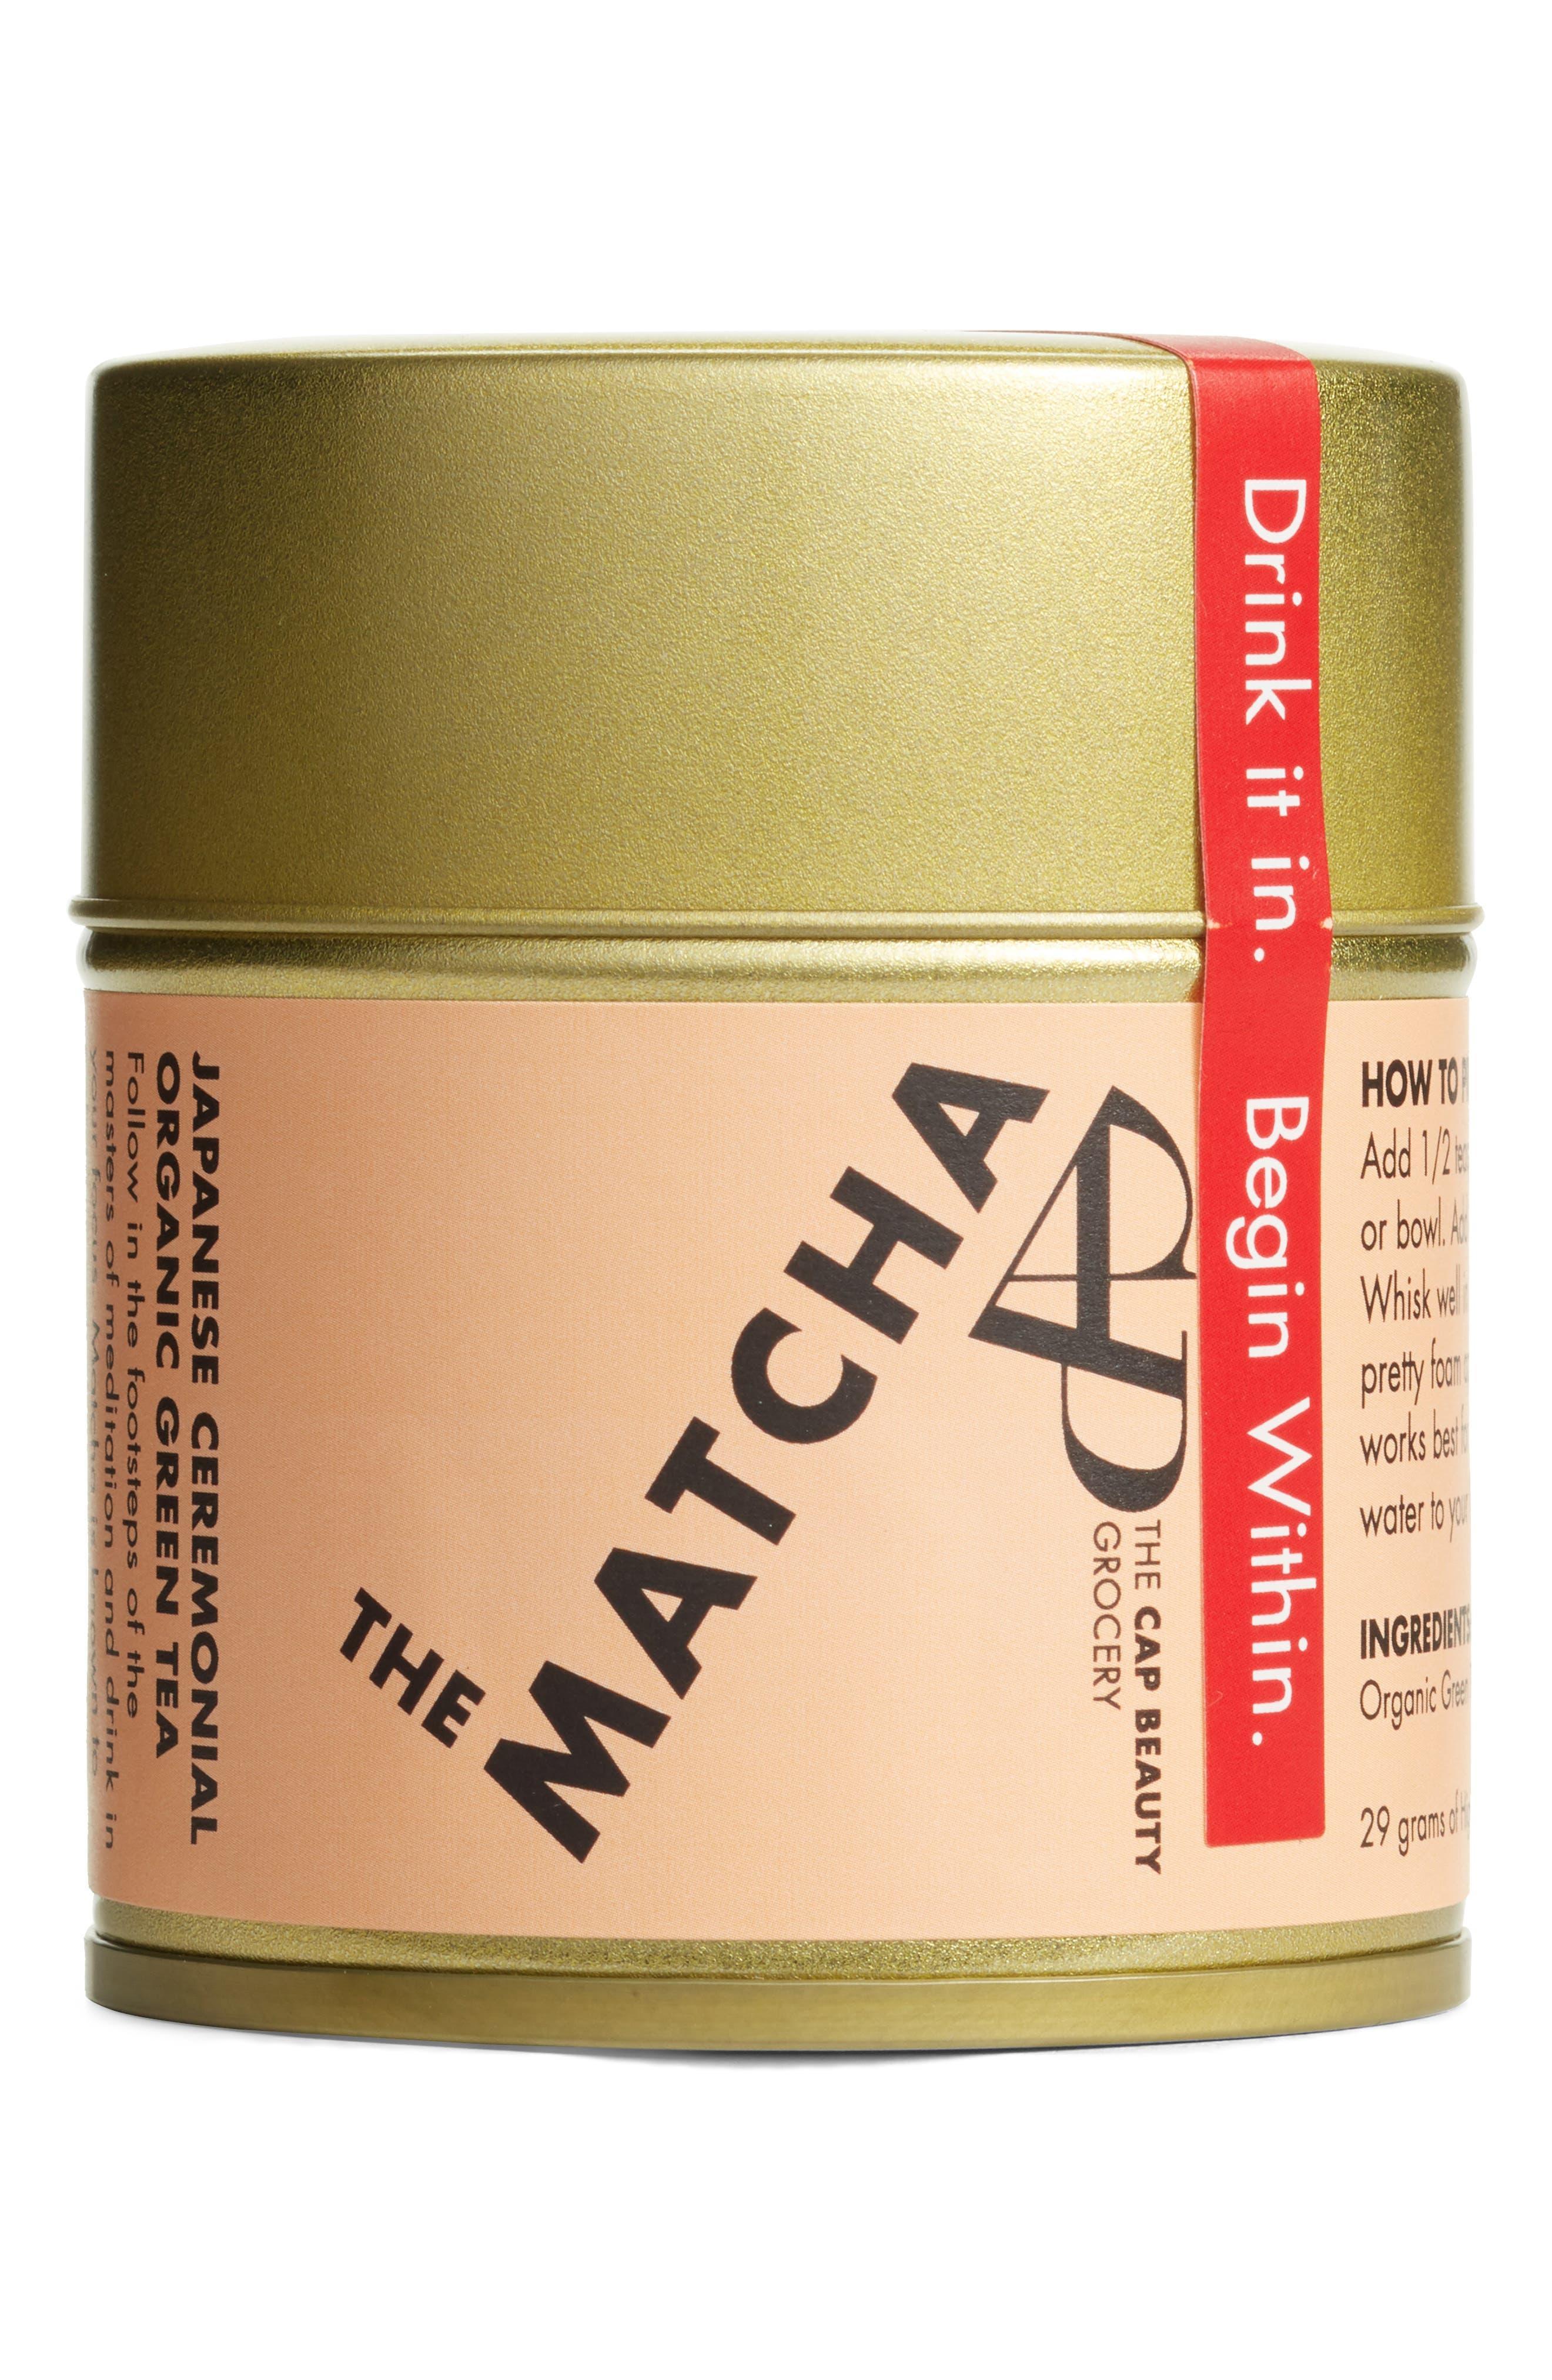 The Matcha Ceremonial Grade Matcha,                             Main thumbnail 1, color,                             960